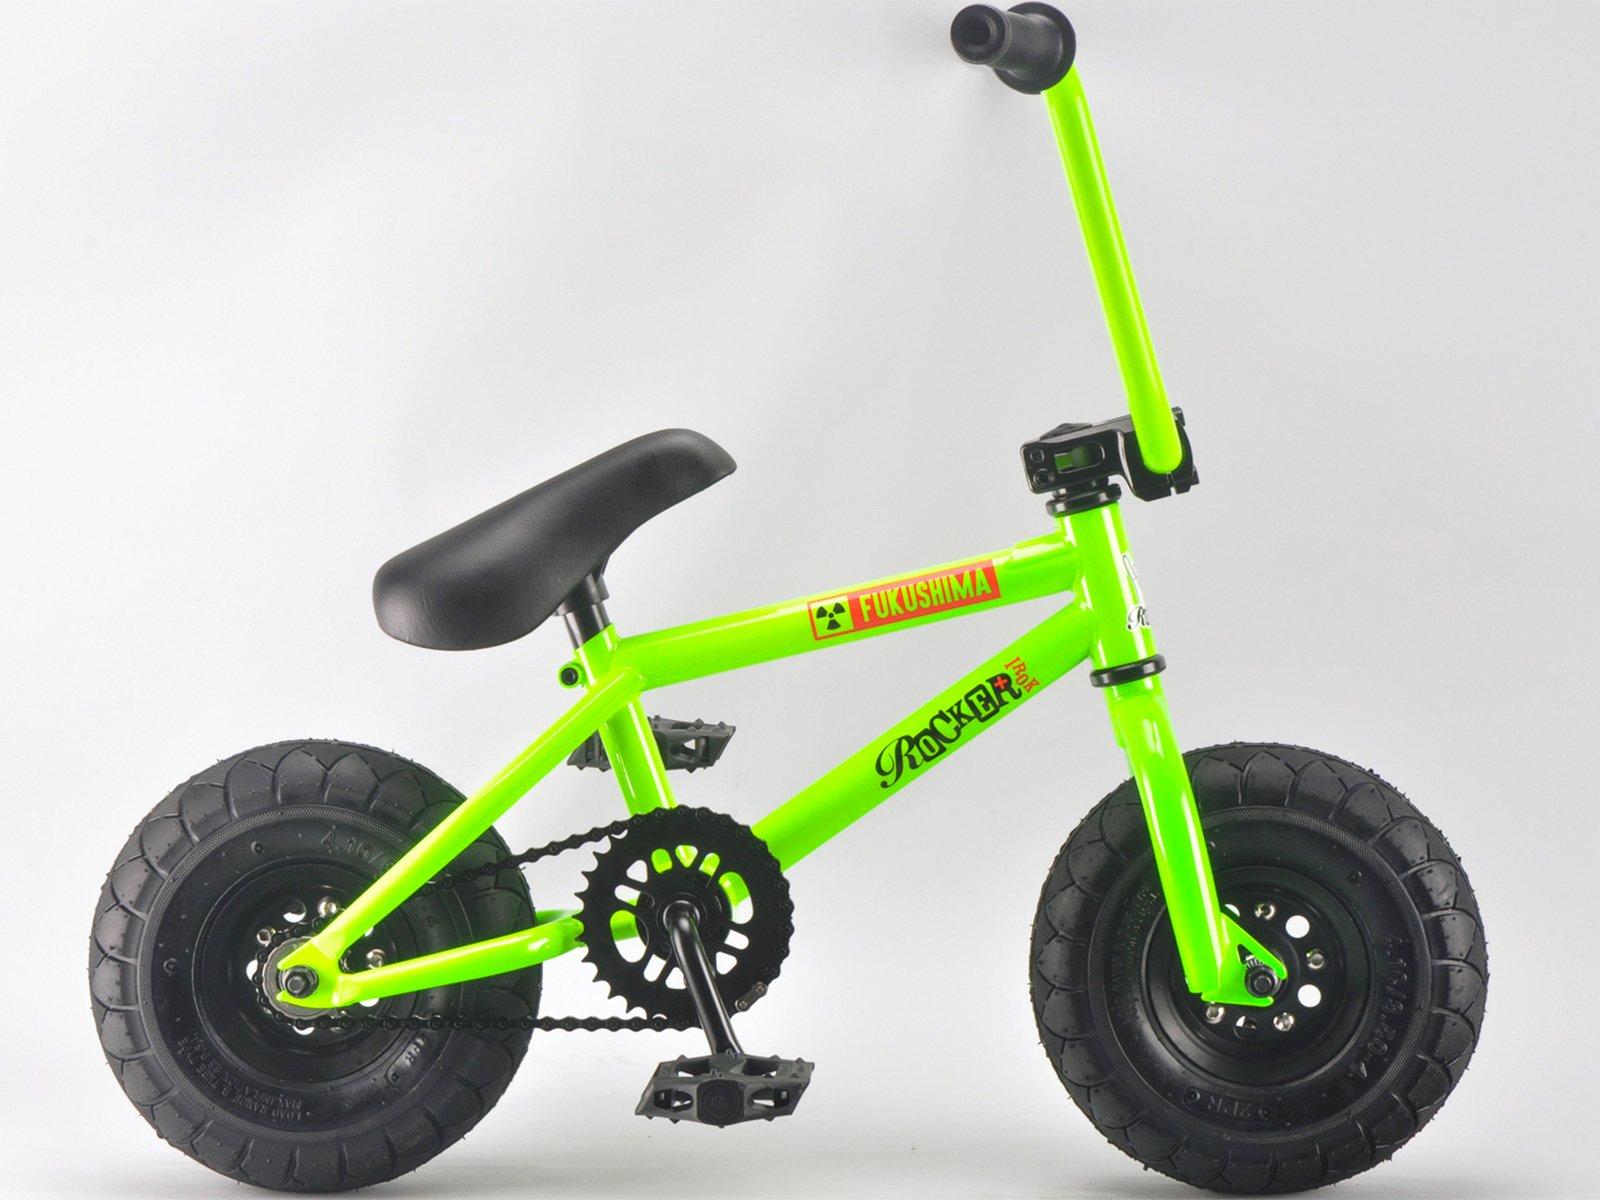 Rocker BMX Mini BMX Bike IROK+ FUKUSHIMA RKR